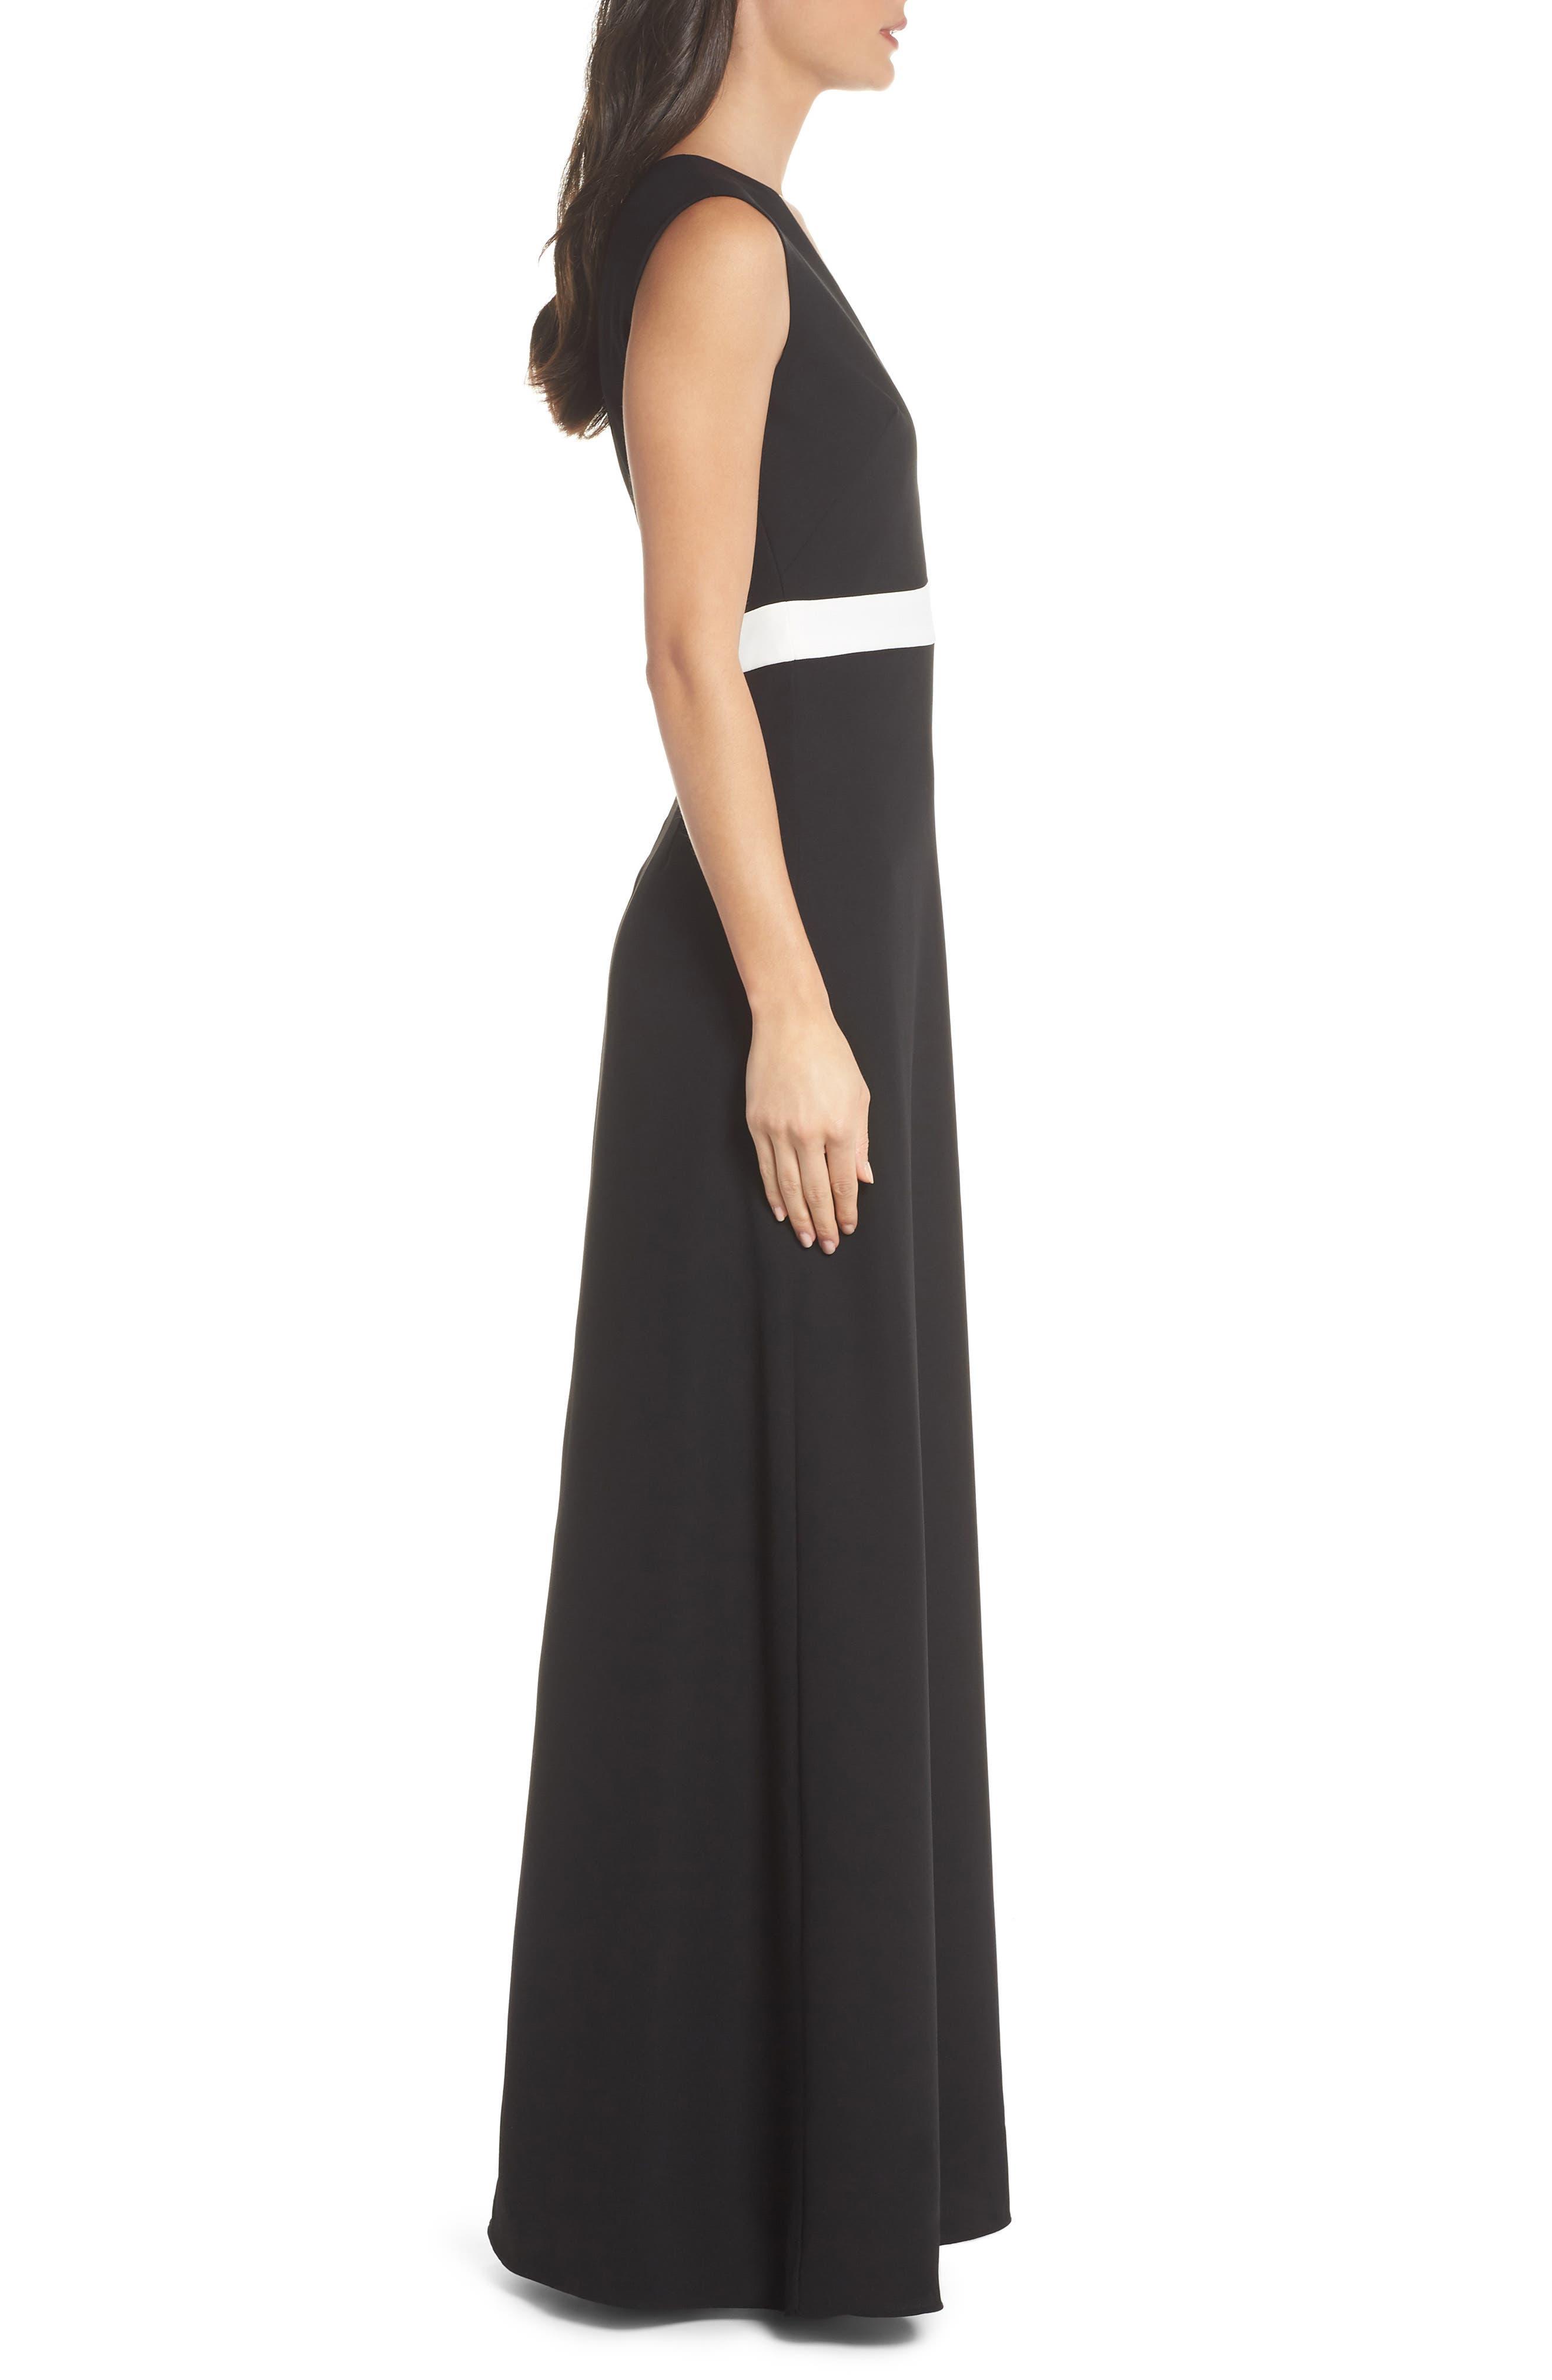 ML Monique Lhullier Sleeveless Crepe Gown,                             Alternate thumbnail 3, color,                             Black/ White